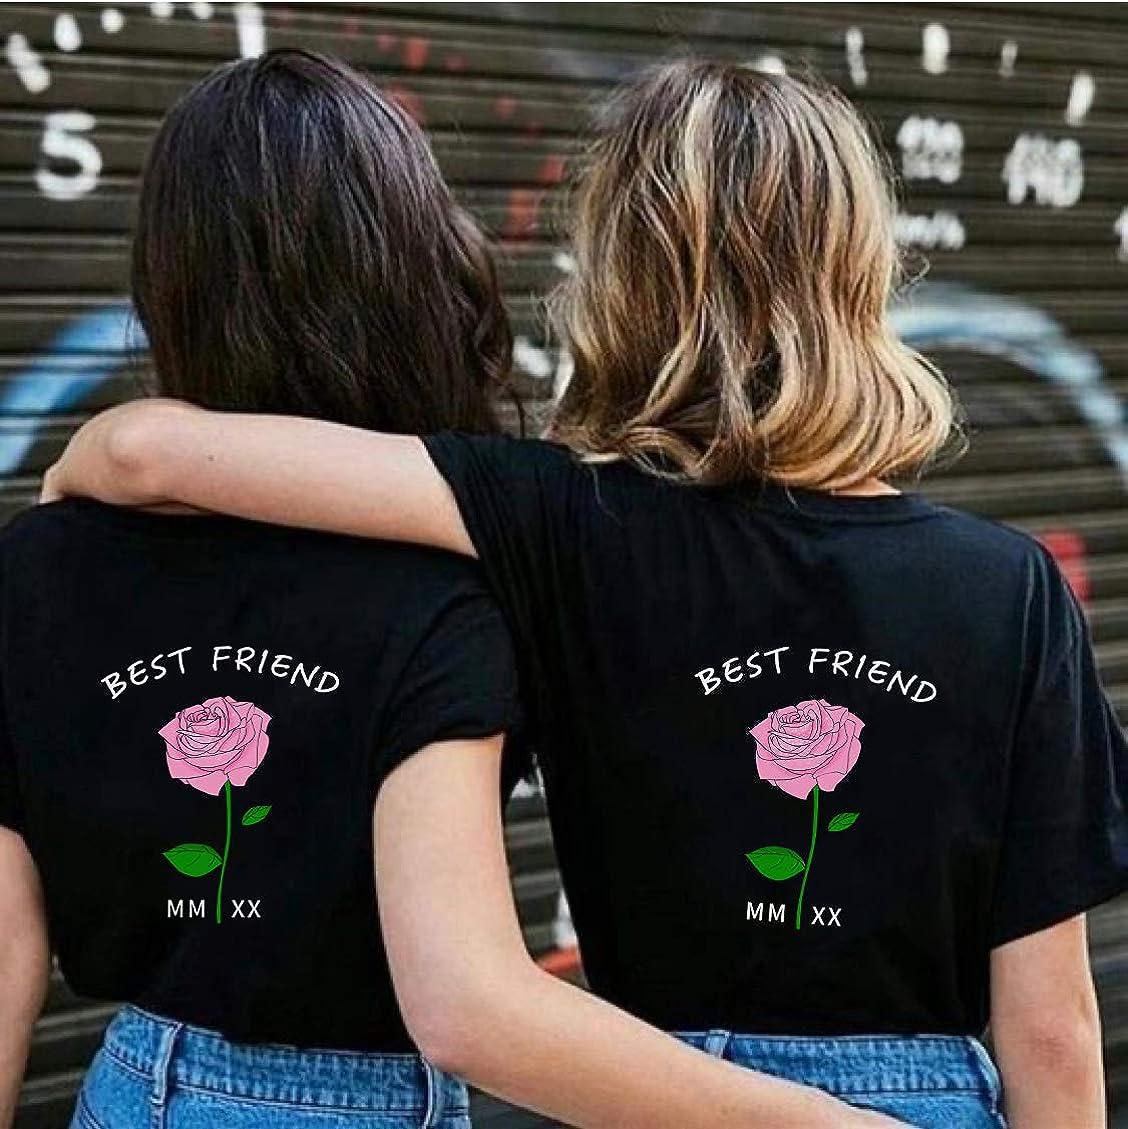 Best Friends Sister Tshirt f/ür Zwei Damen Freund Shirts mit Rose Tops Sommer Oberteil BFF Geburtstagsgeschenk 1 St/ücke Symbolische Freundschaft